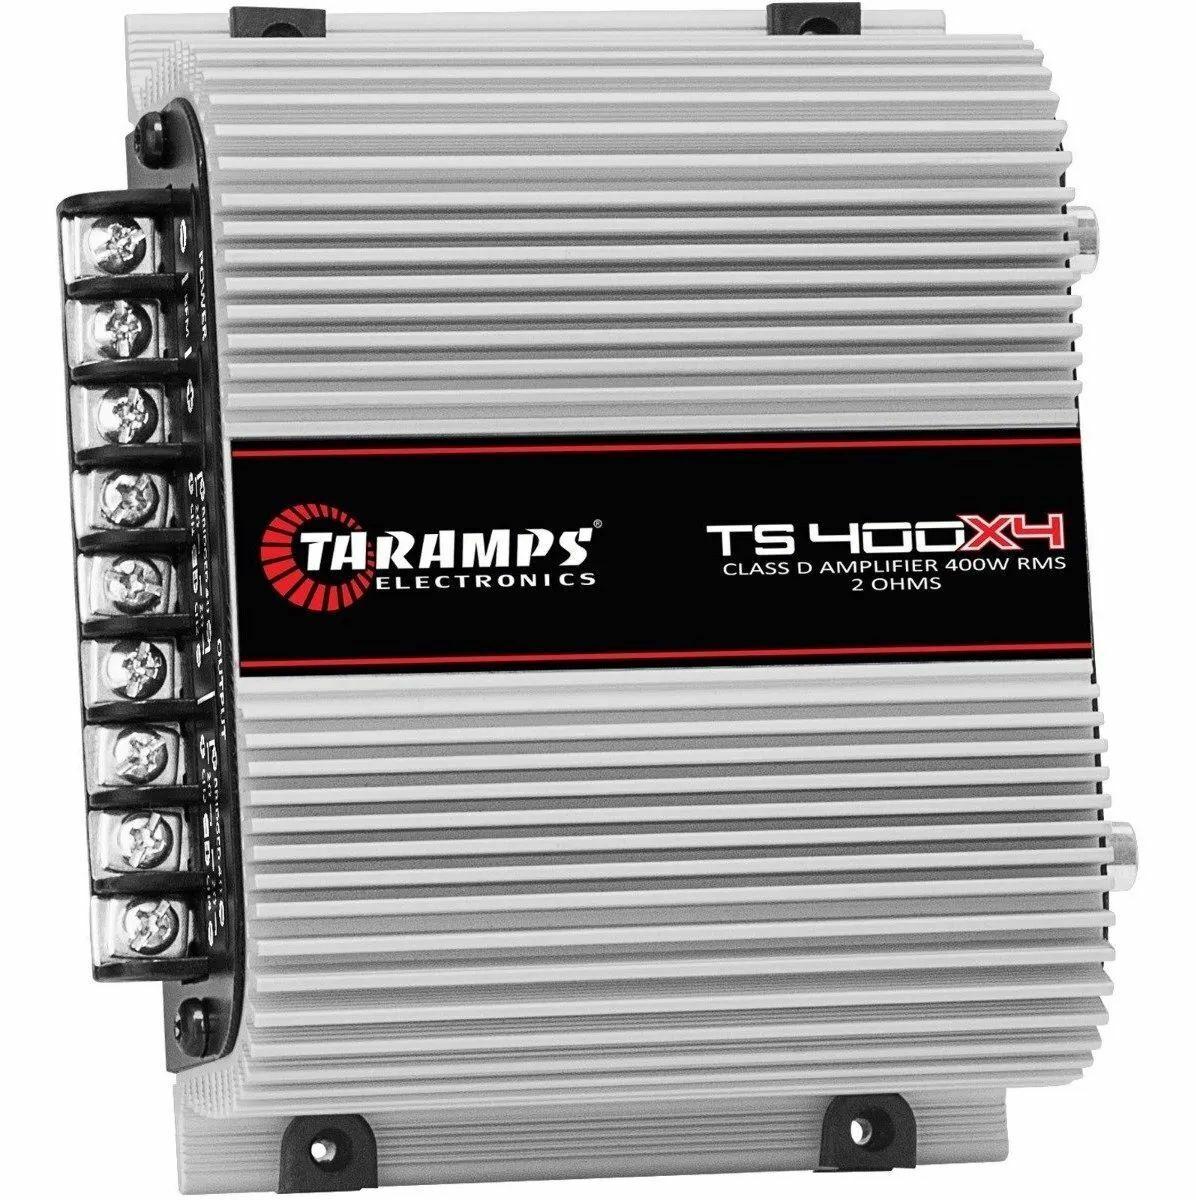 Taramps DS280x4 2 OHMS 4 Channel Amplifier